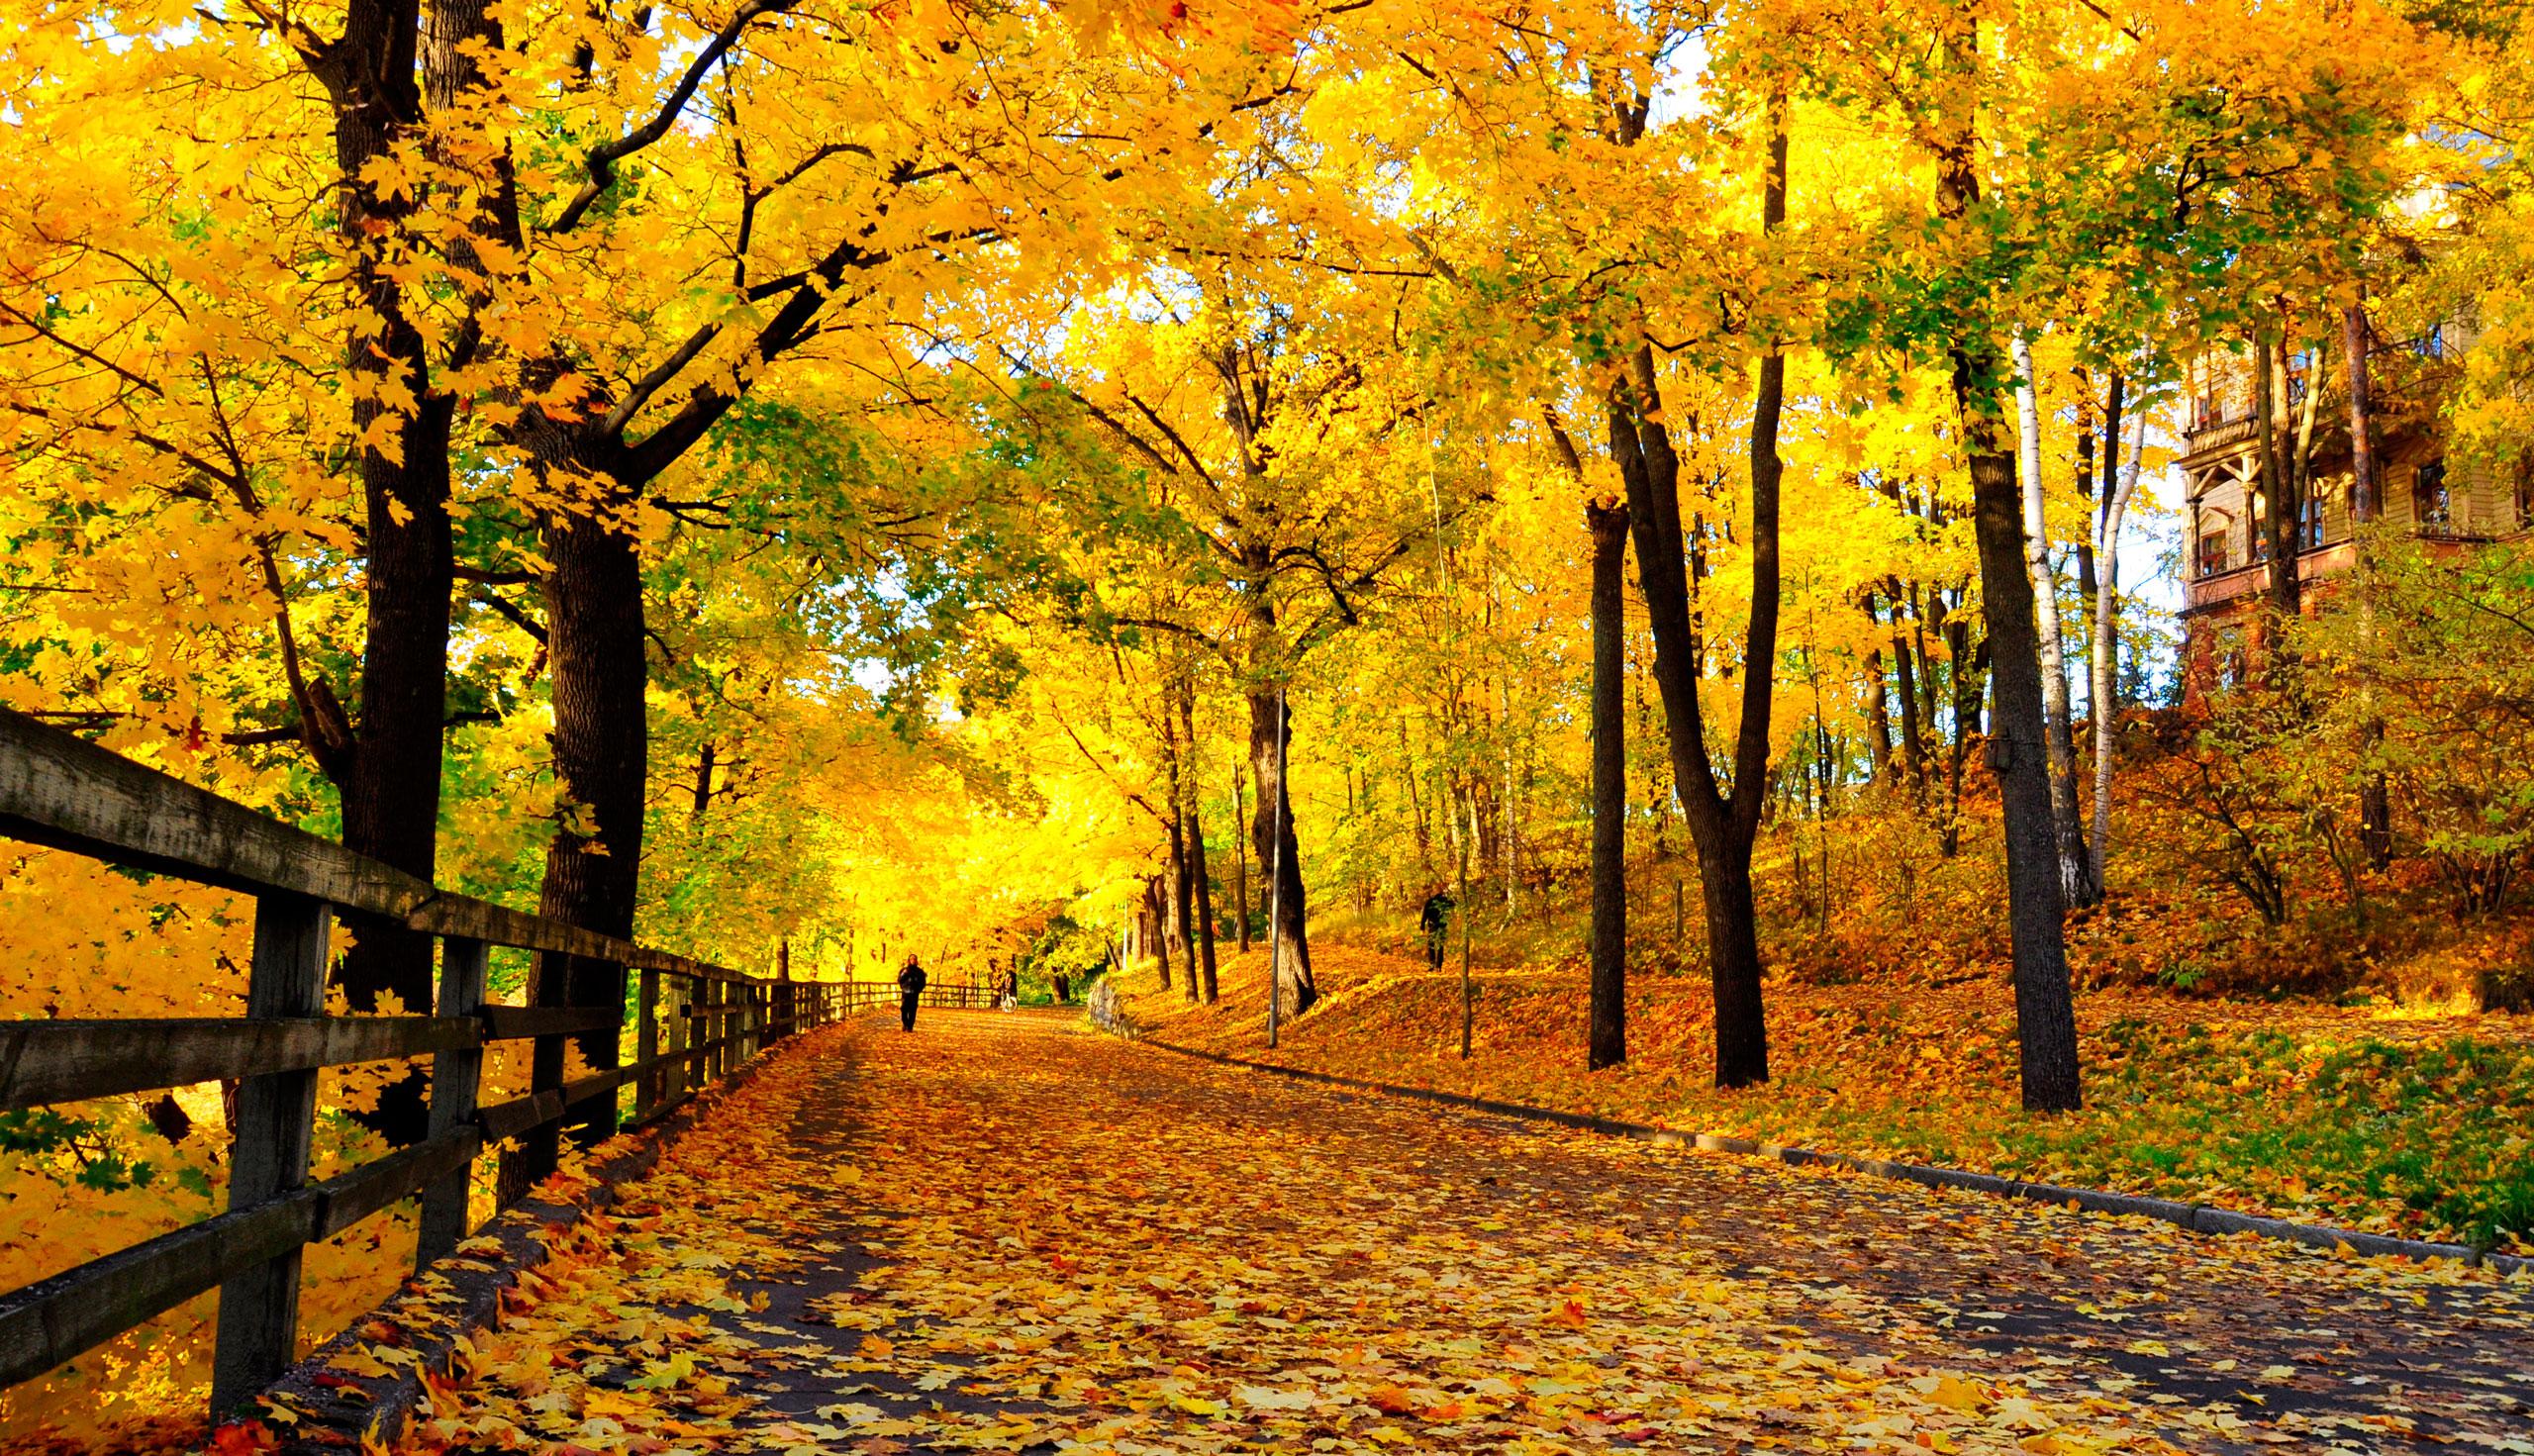 Validation/WinterFall/autumn3.jpg